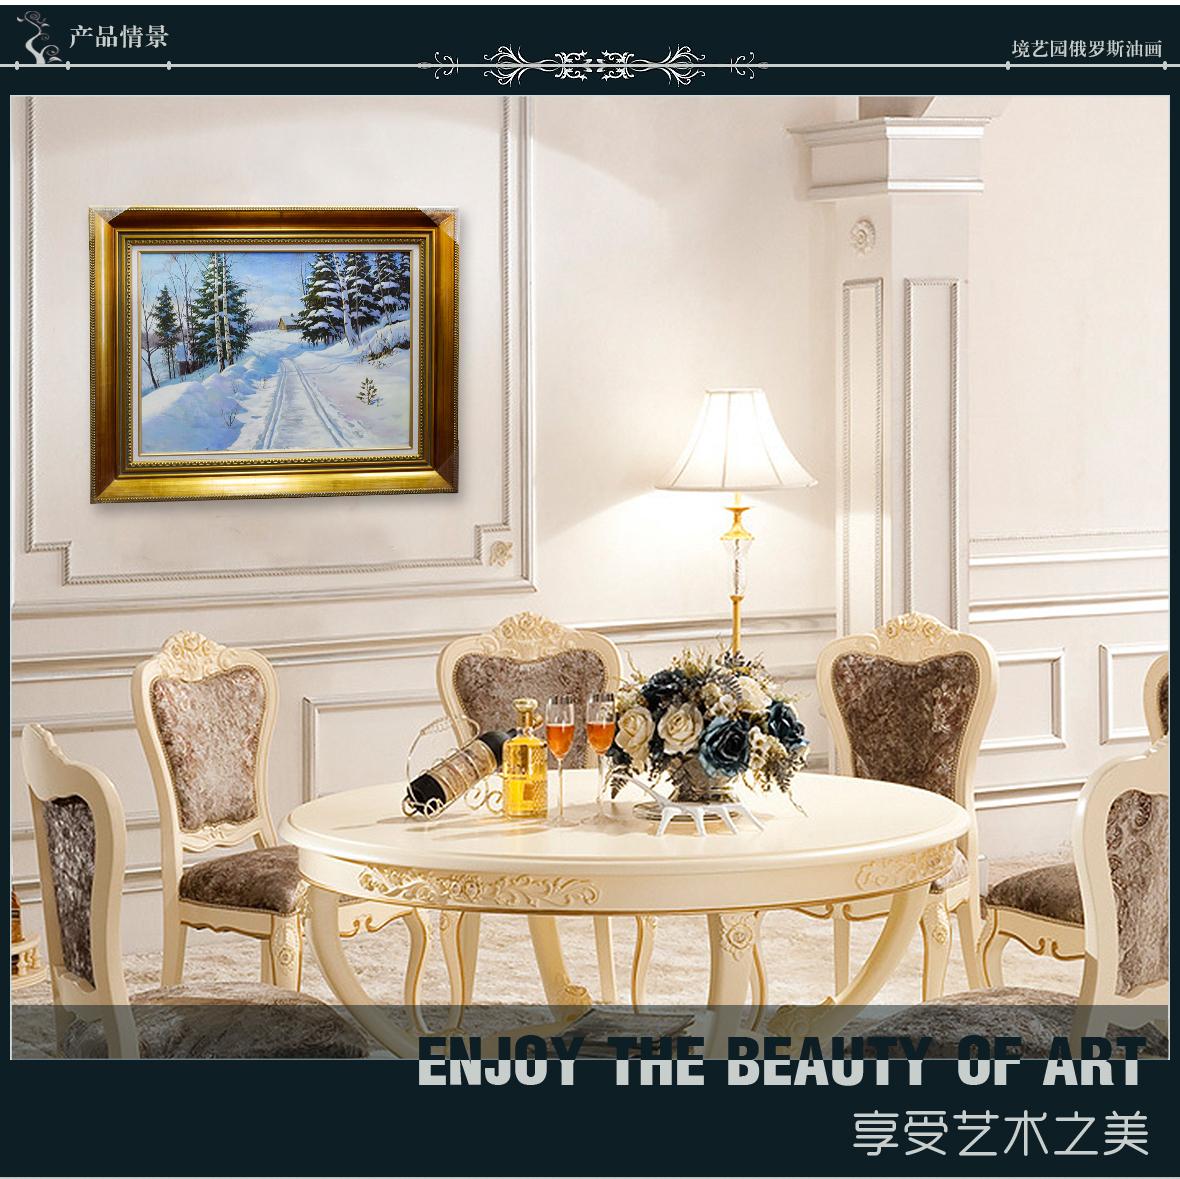 境艺园俄罗斯油画 W346型号俄罗斯进口亚麻主材风景雪景 情景